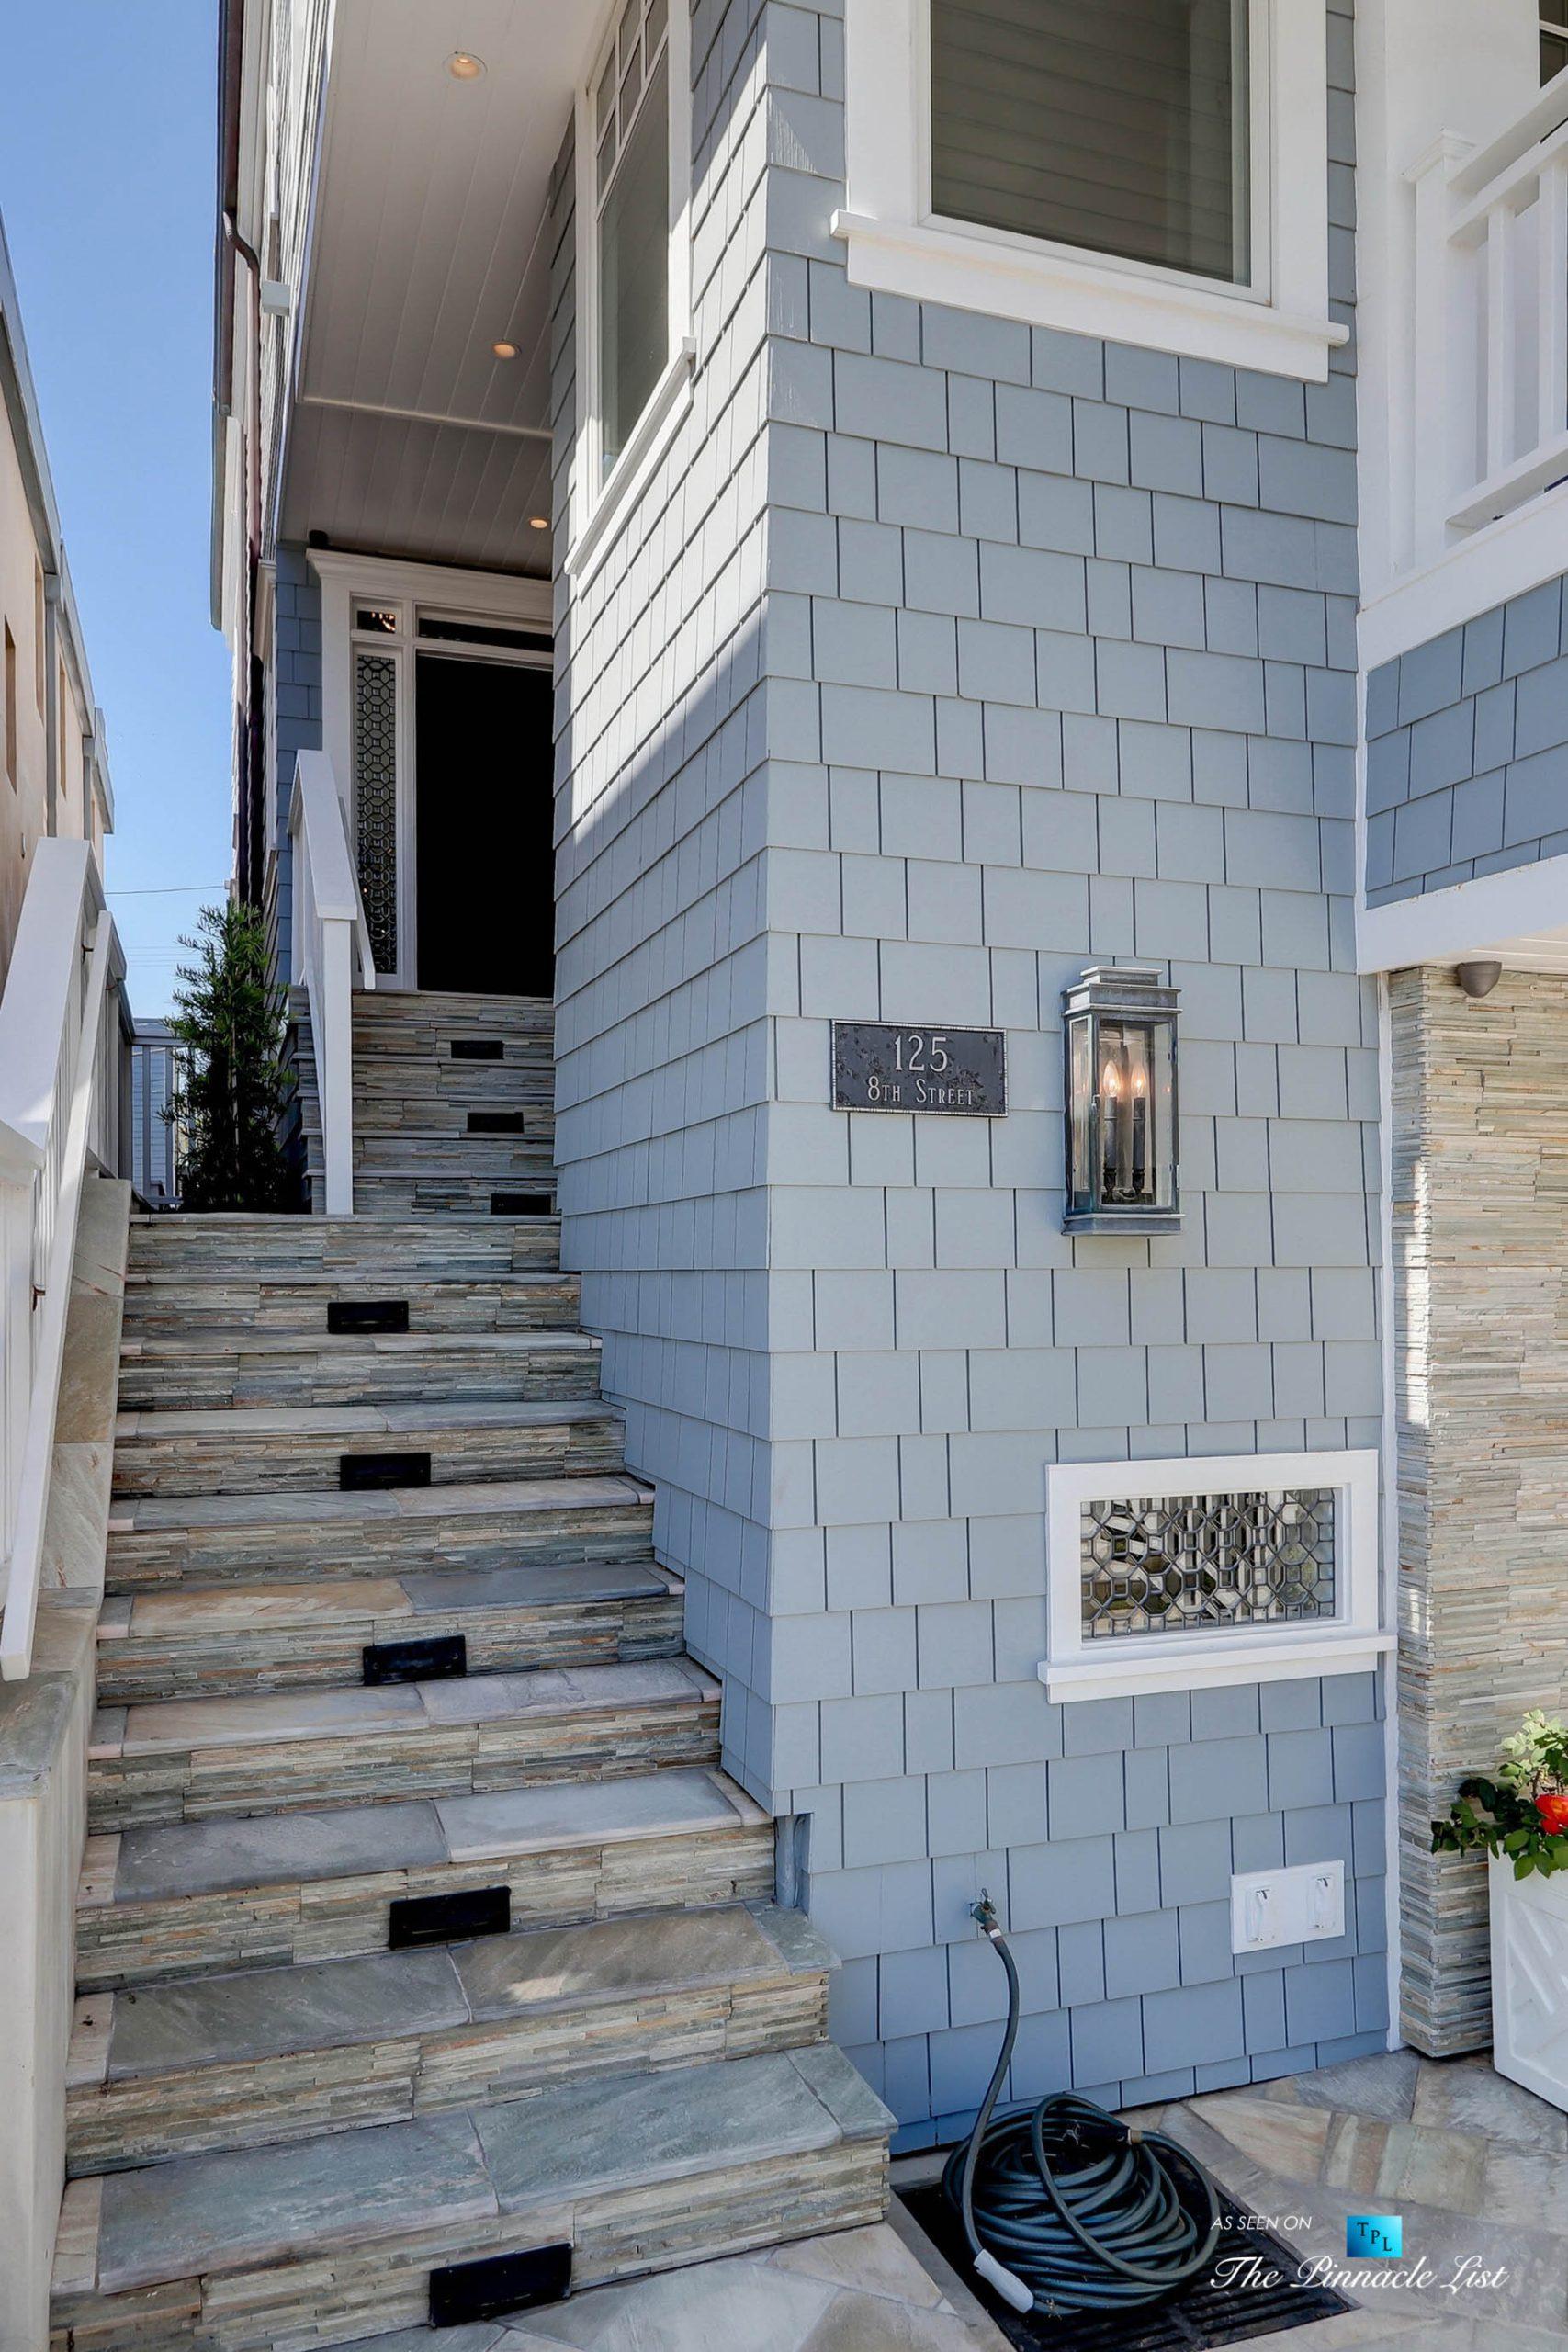 125 8th Street, Manhattan Beach, CA, USA